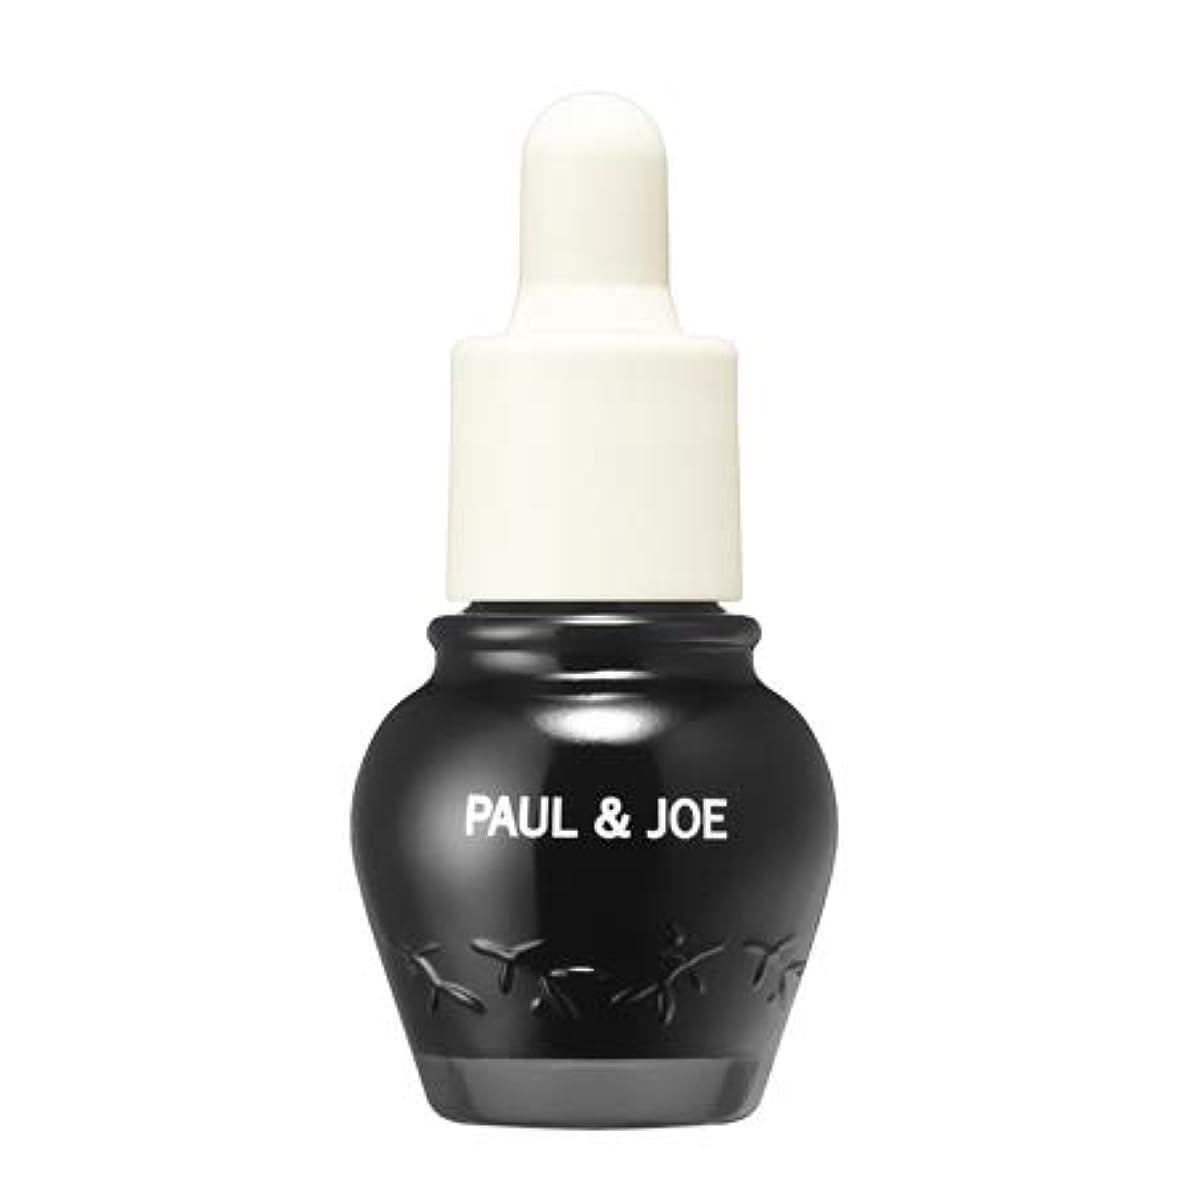 ケーブルカー強調万歳ポール&ジョー ブラックトリートメント 美容液 15ml -PAUL&JOE-